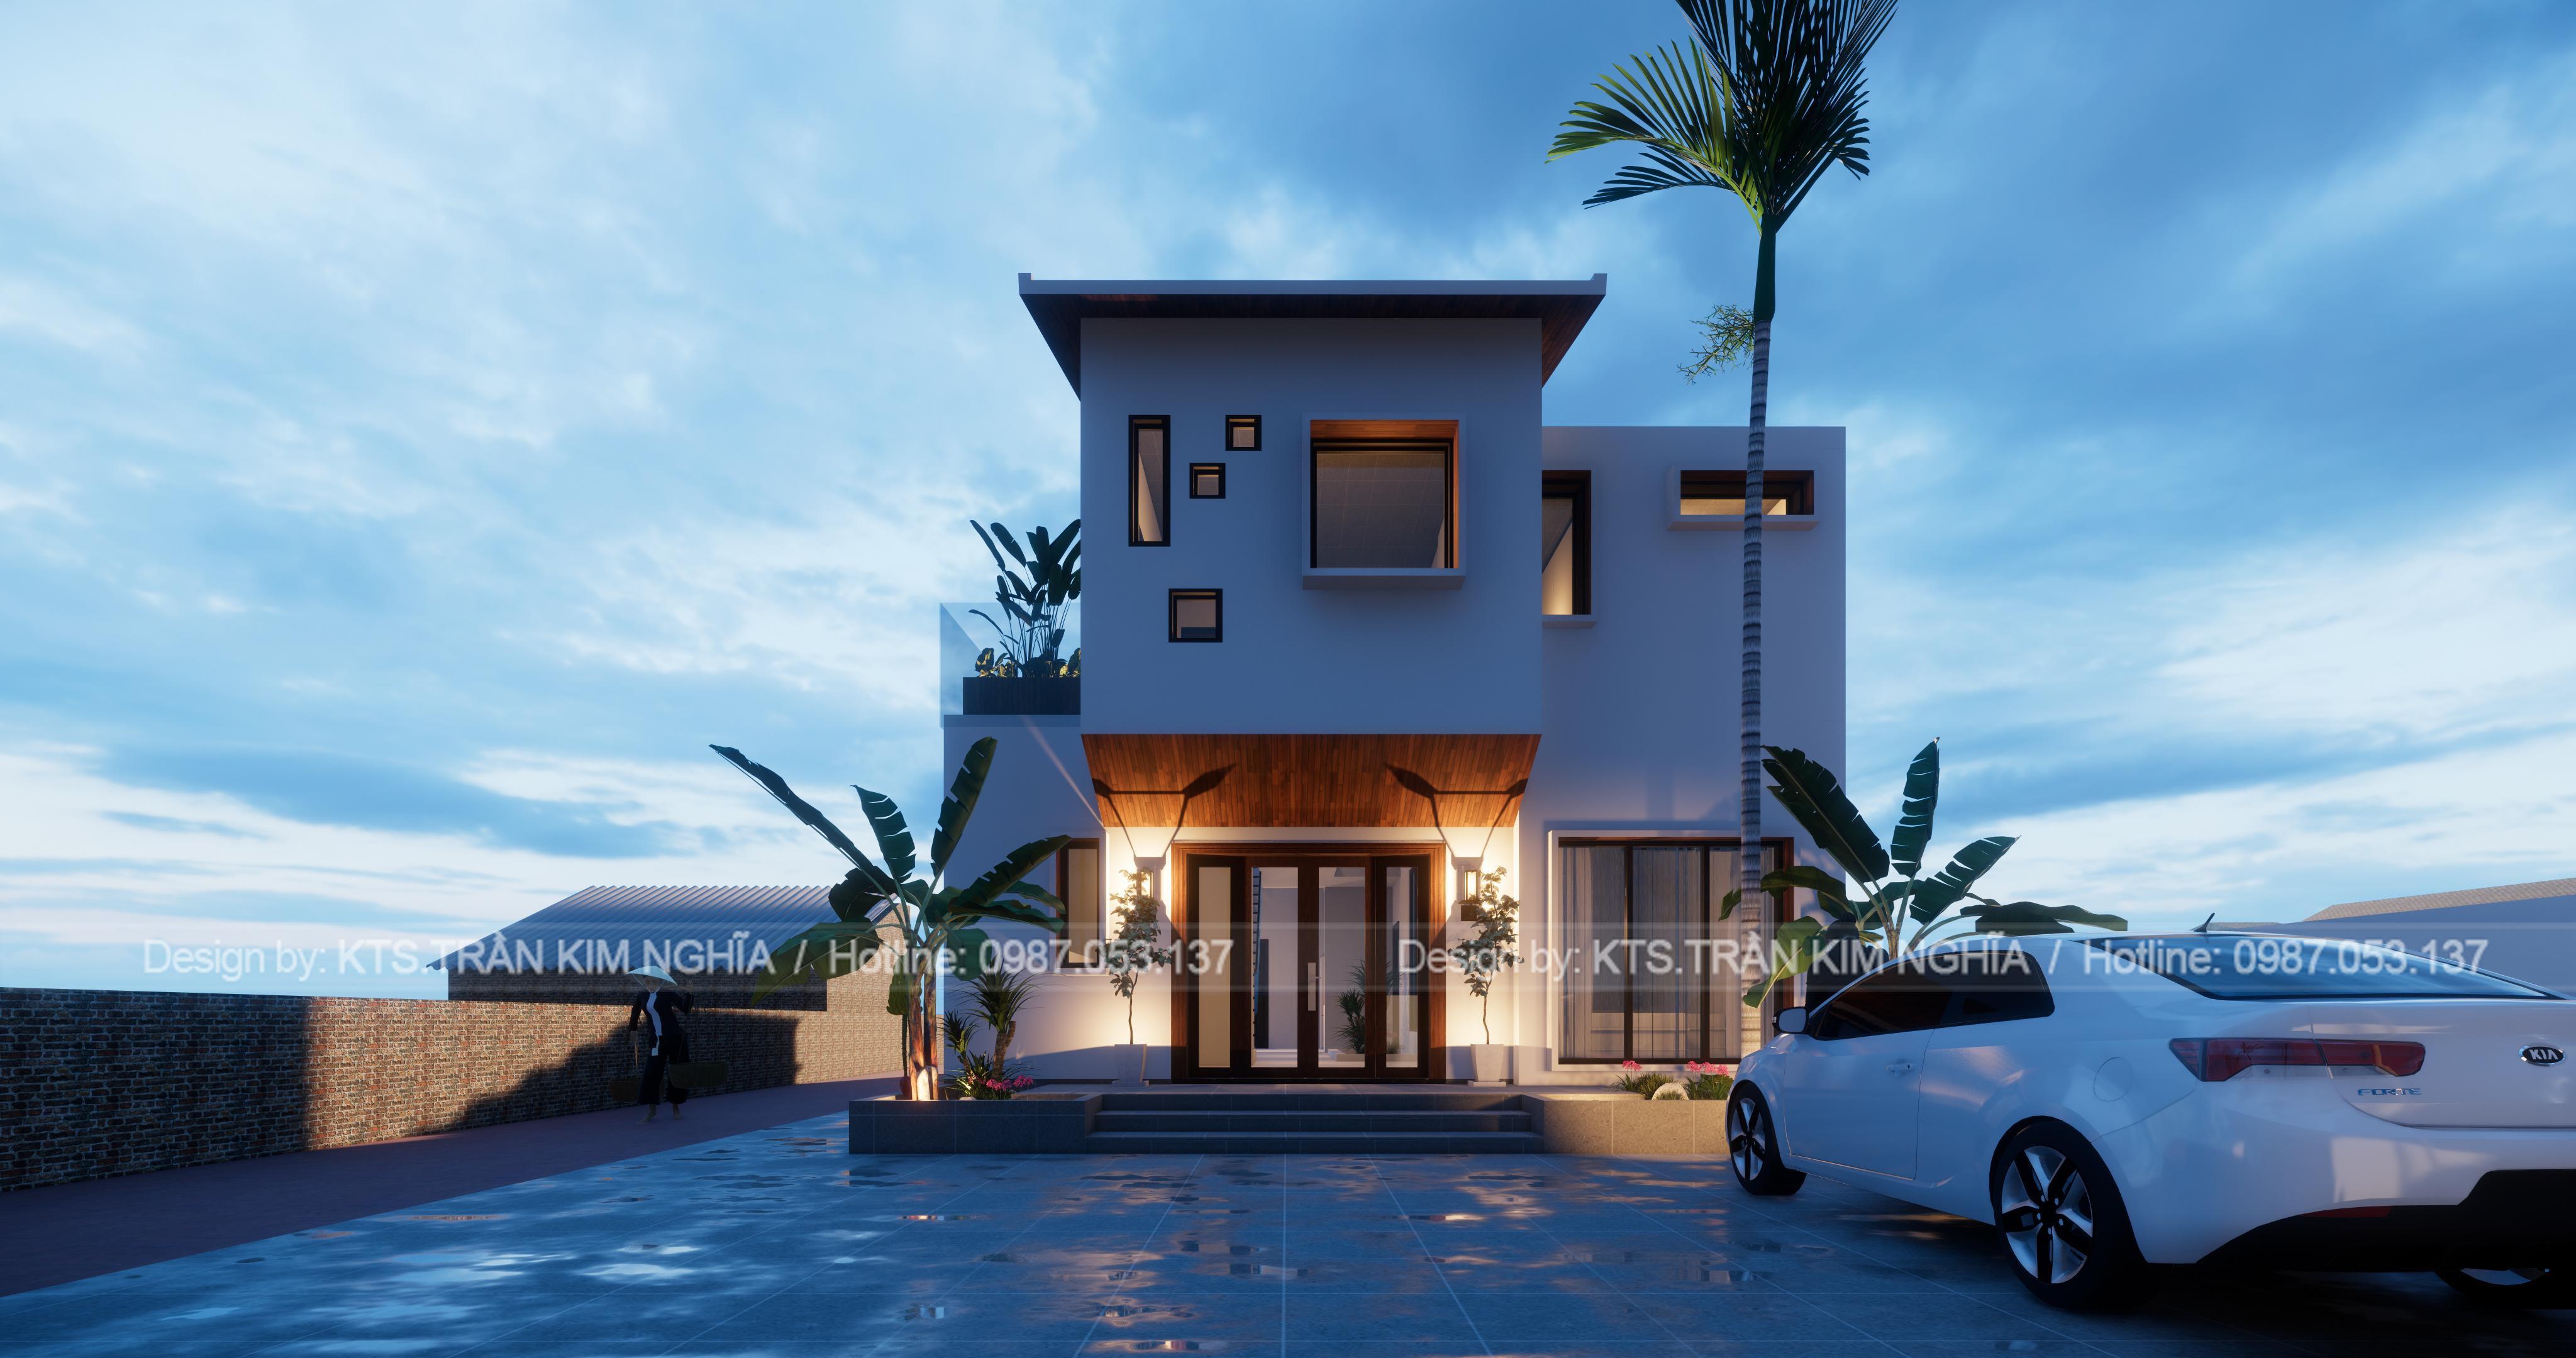 thiết kế nội thất Nhà tại Bắc Giang NAMHOUSE 1 1562404072